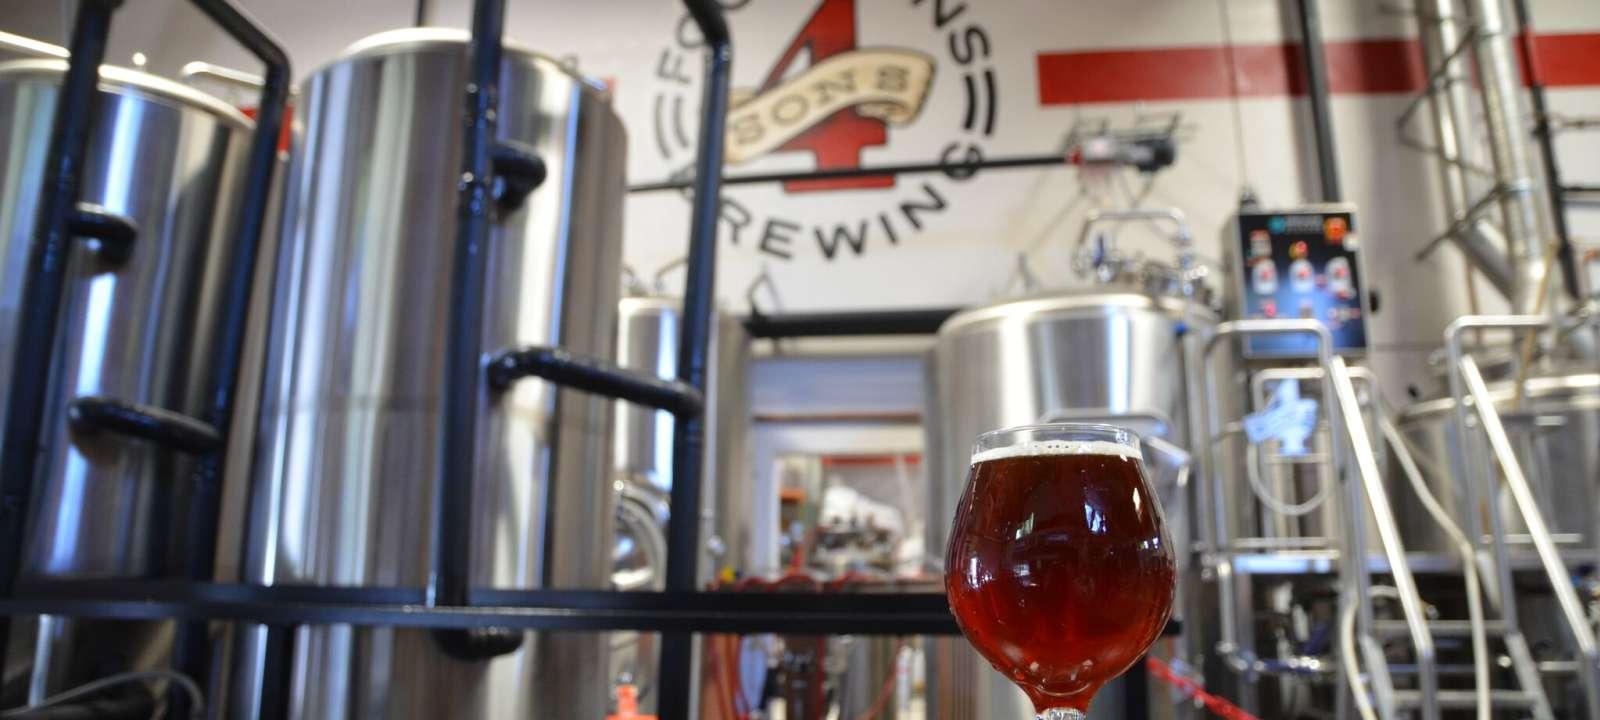 craft beer breweries in huntington beach